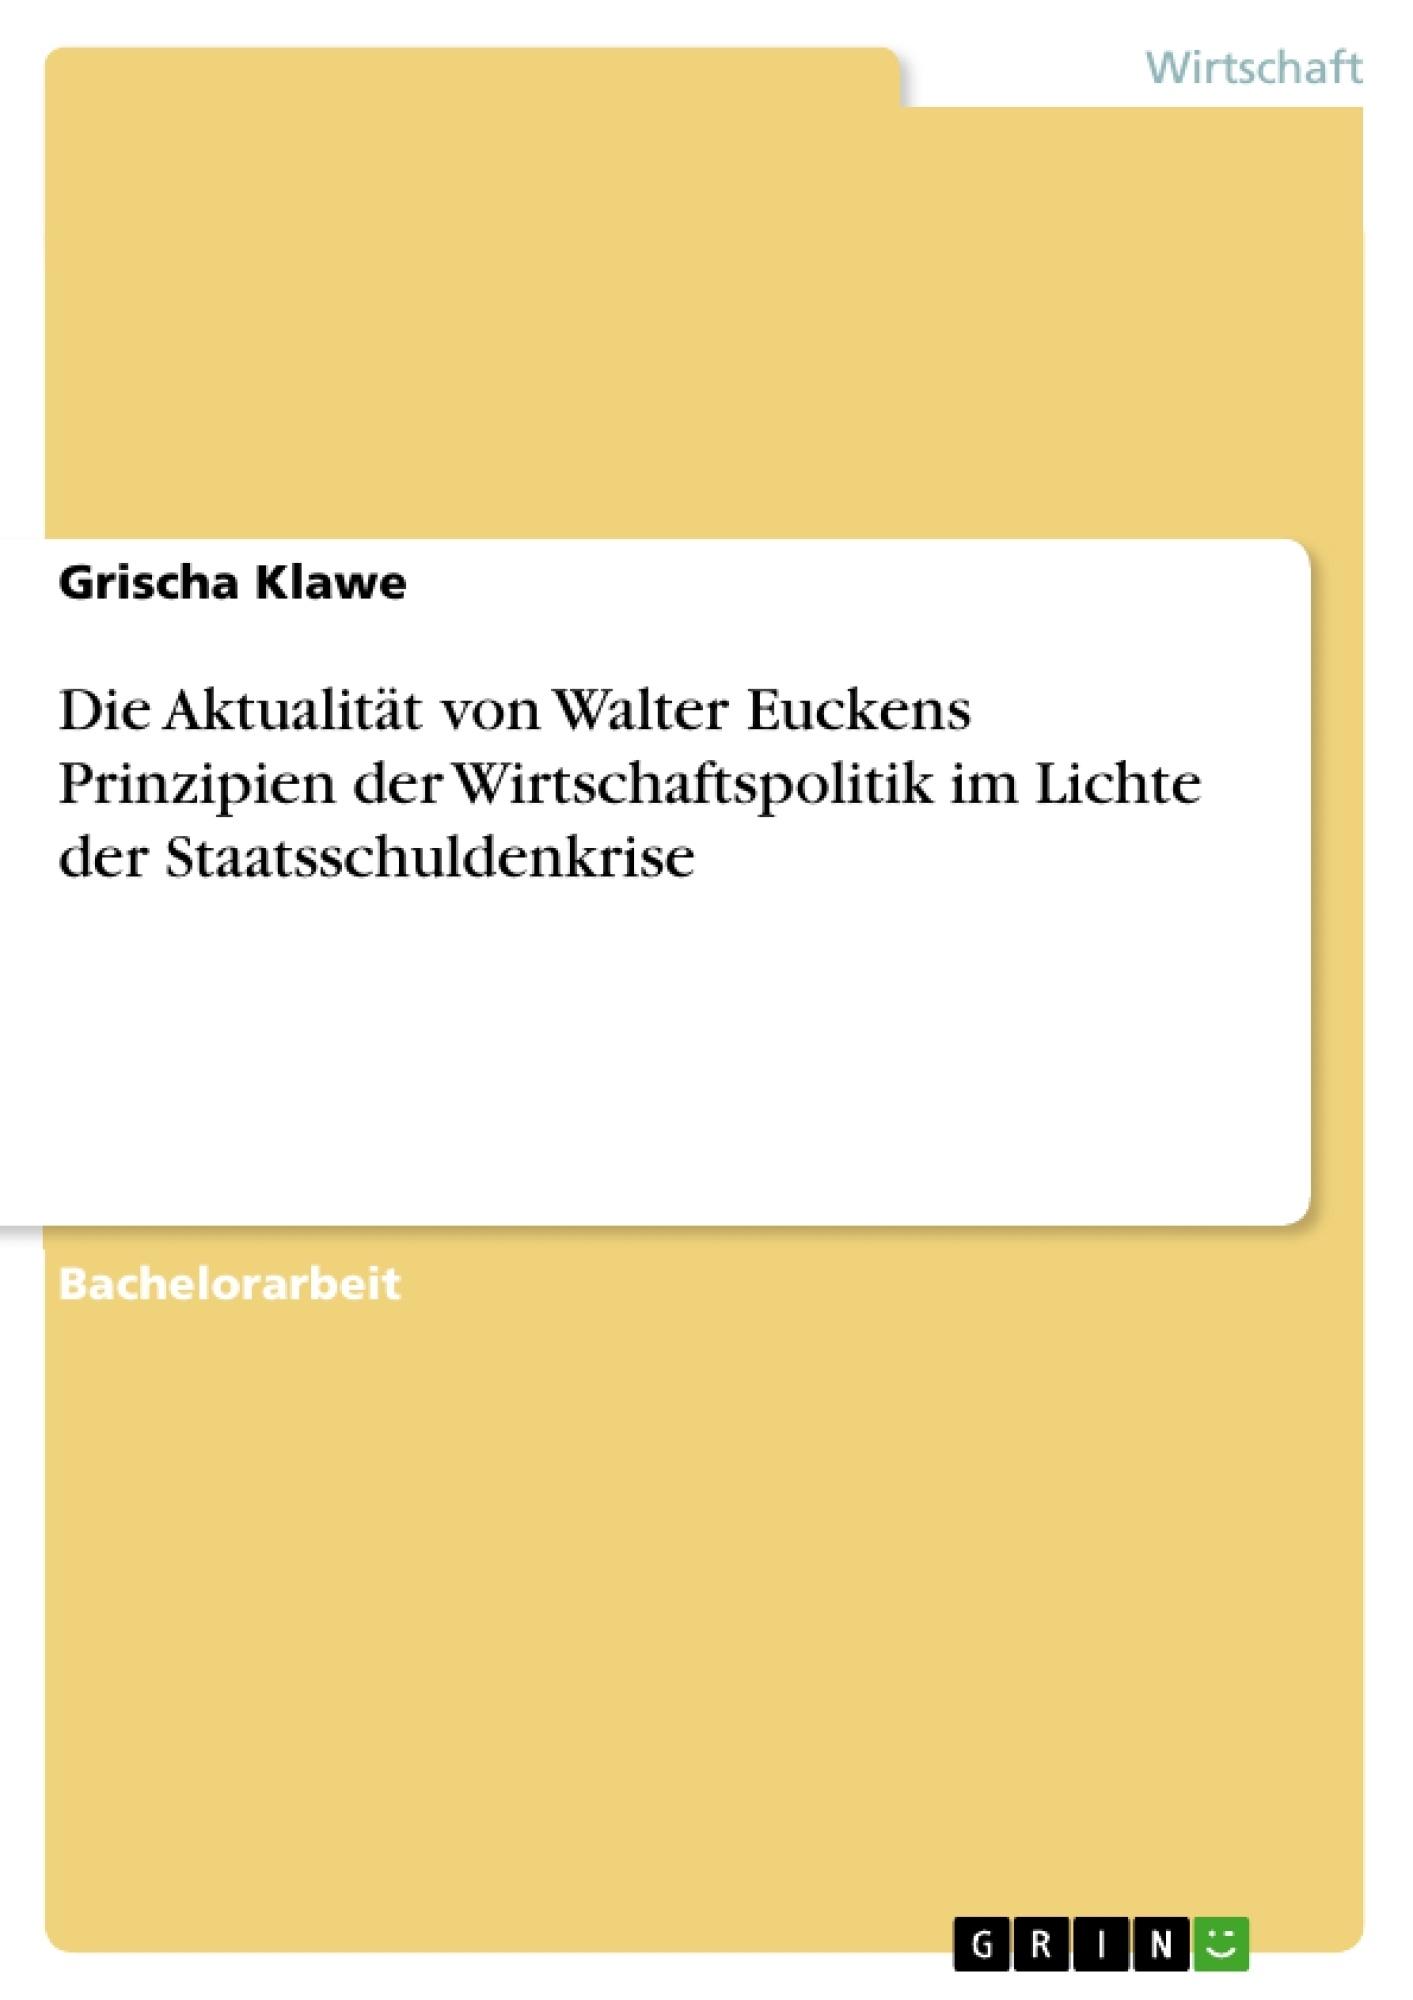 Titel: Die Aktualität von Walter Euckens Prinzipien der Wirtschaftspolitik im Lichte der Staatsschuldenkrise